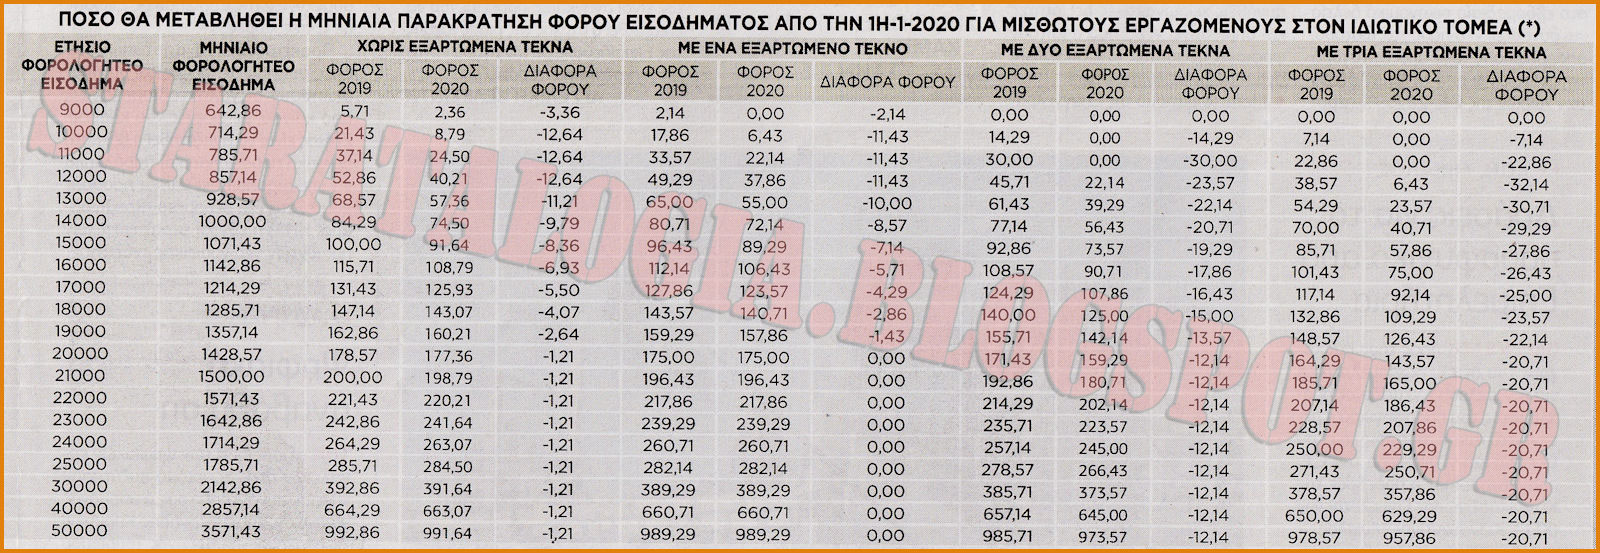 Δείτε τις νέες αποδοχές μισθωτών-συνταξιούχων μέσω μειωμένης παρακράτησης φόρου (ΠΙΝΑΚΕΣ) - Φωτογραφία 2